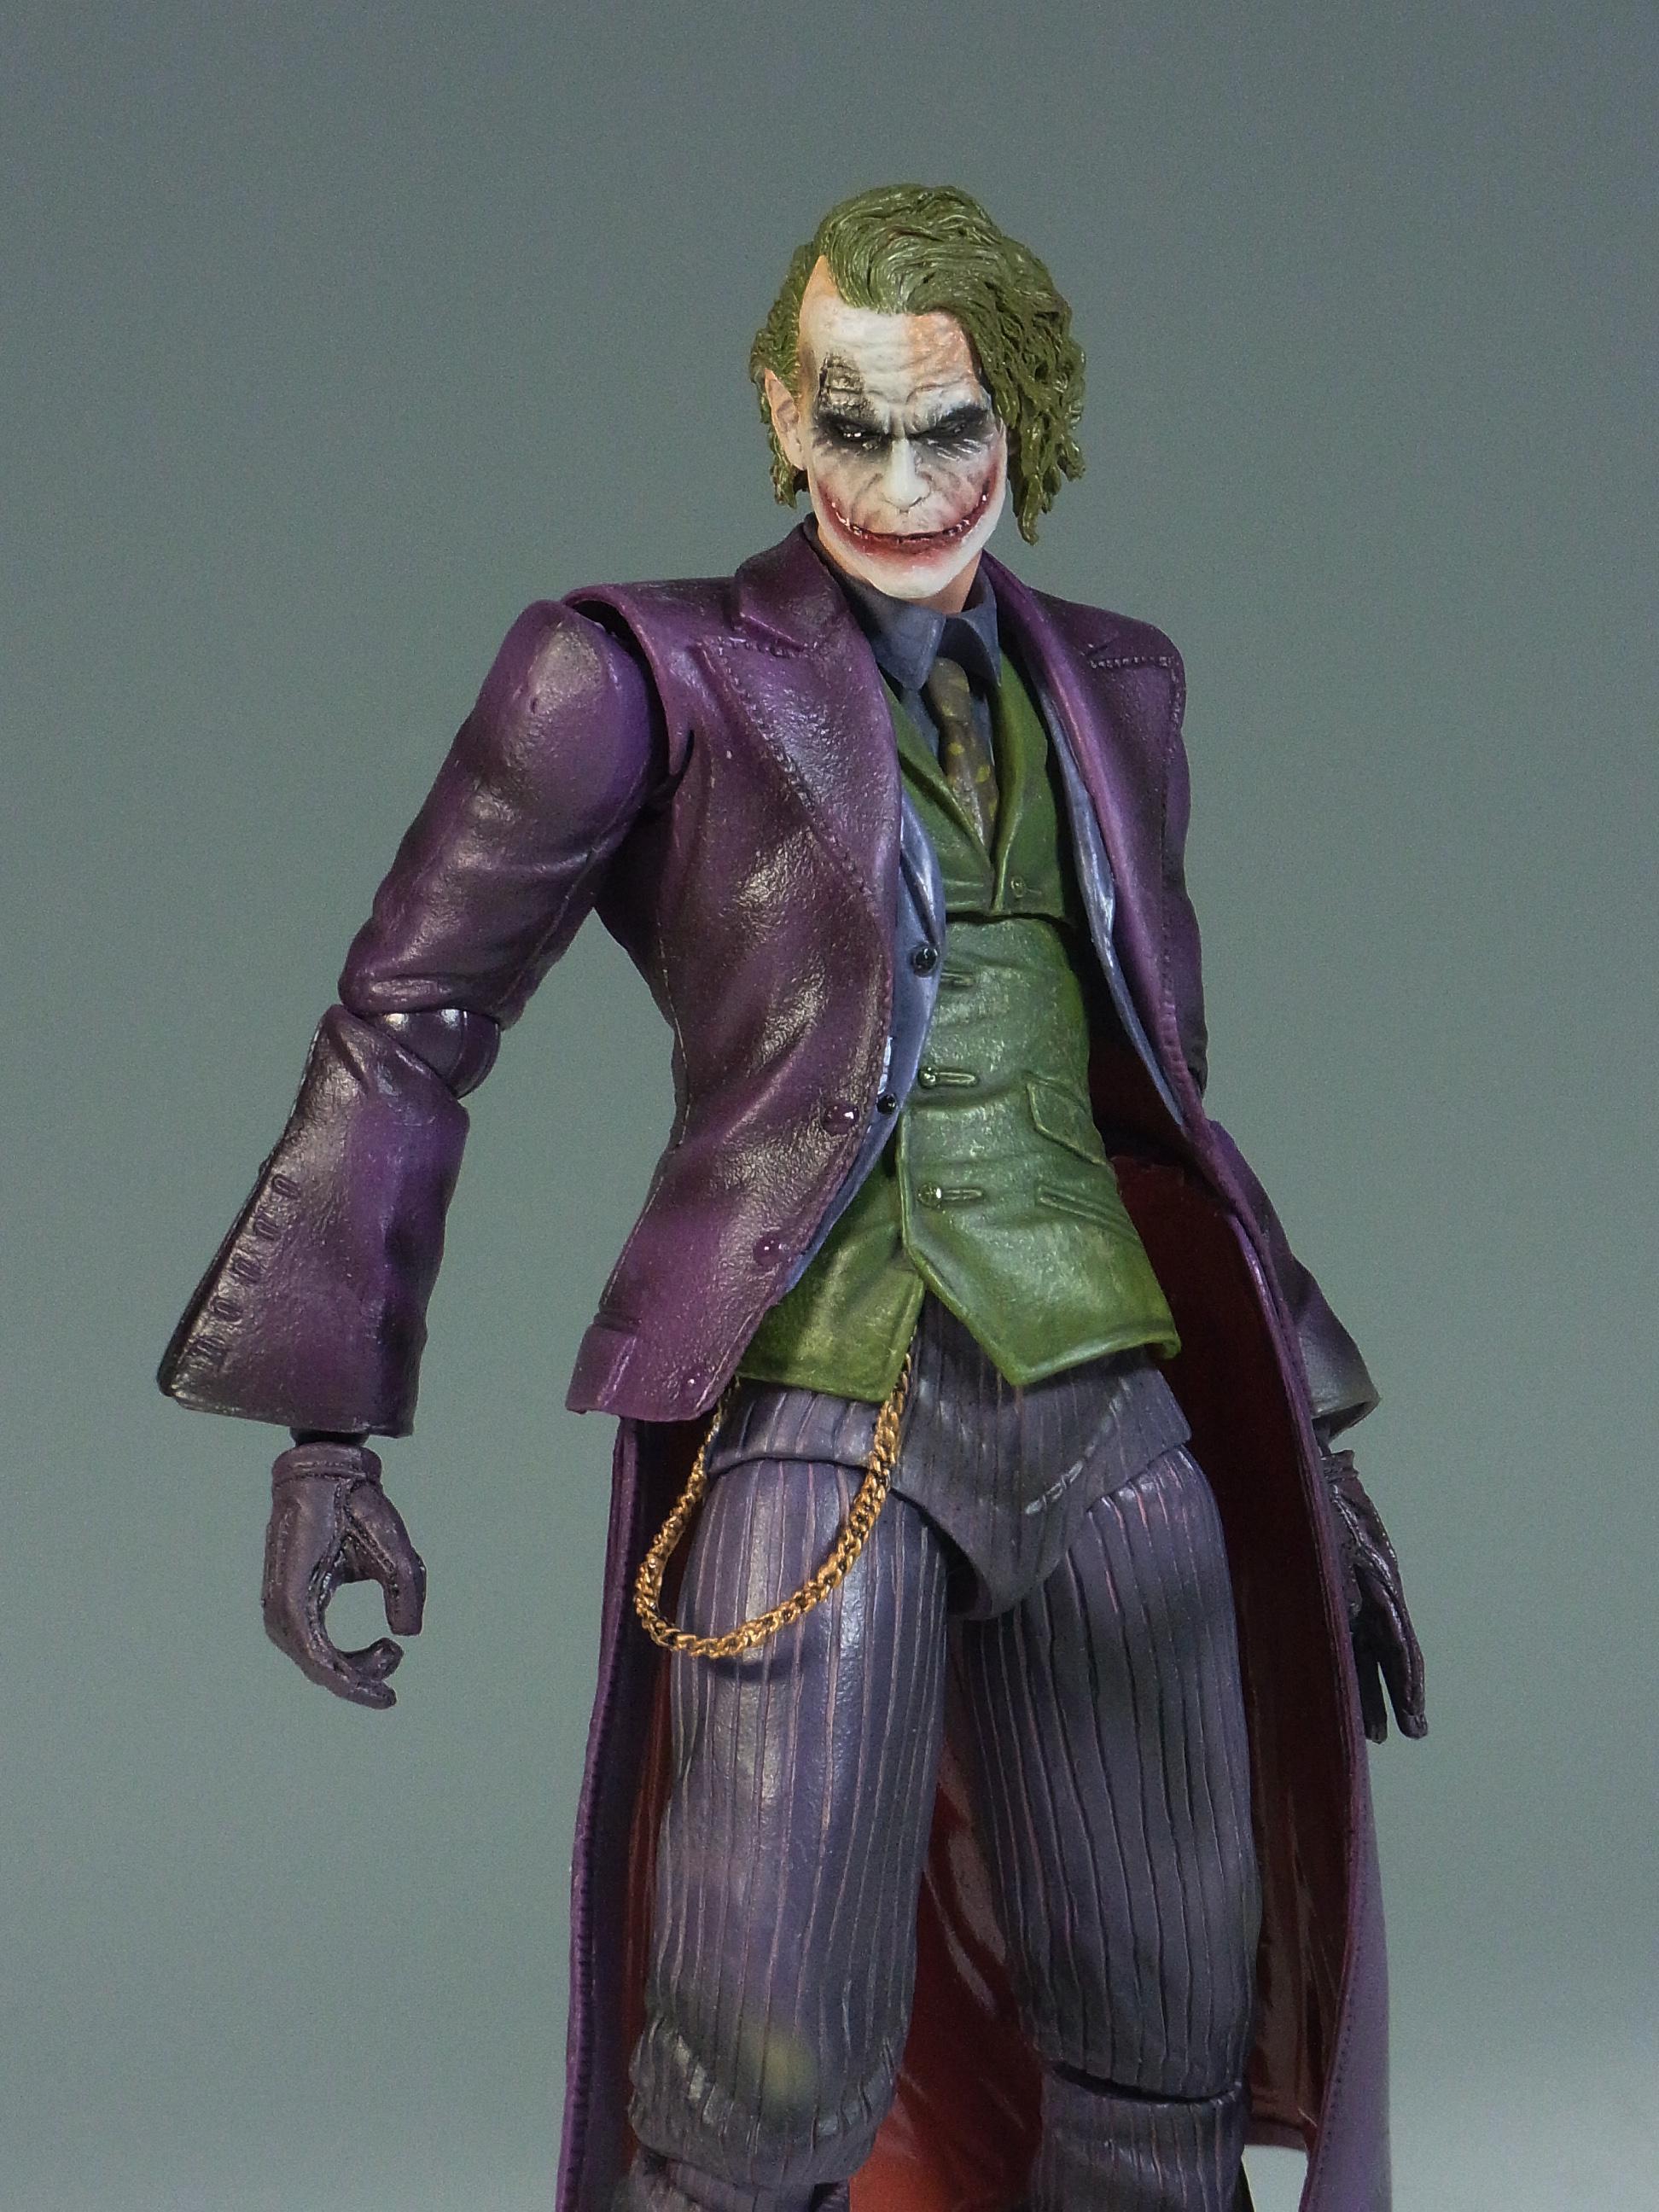 joker017.jpg